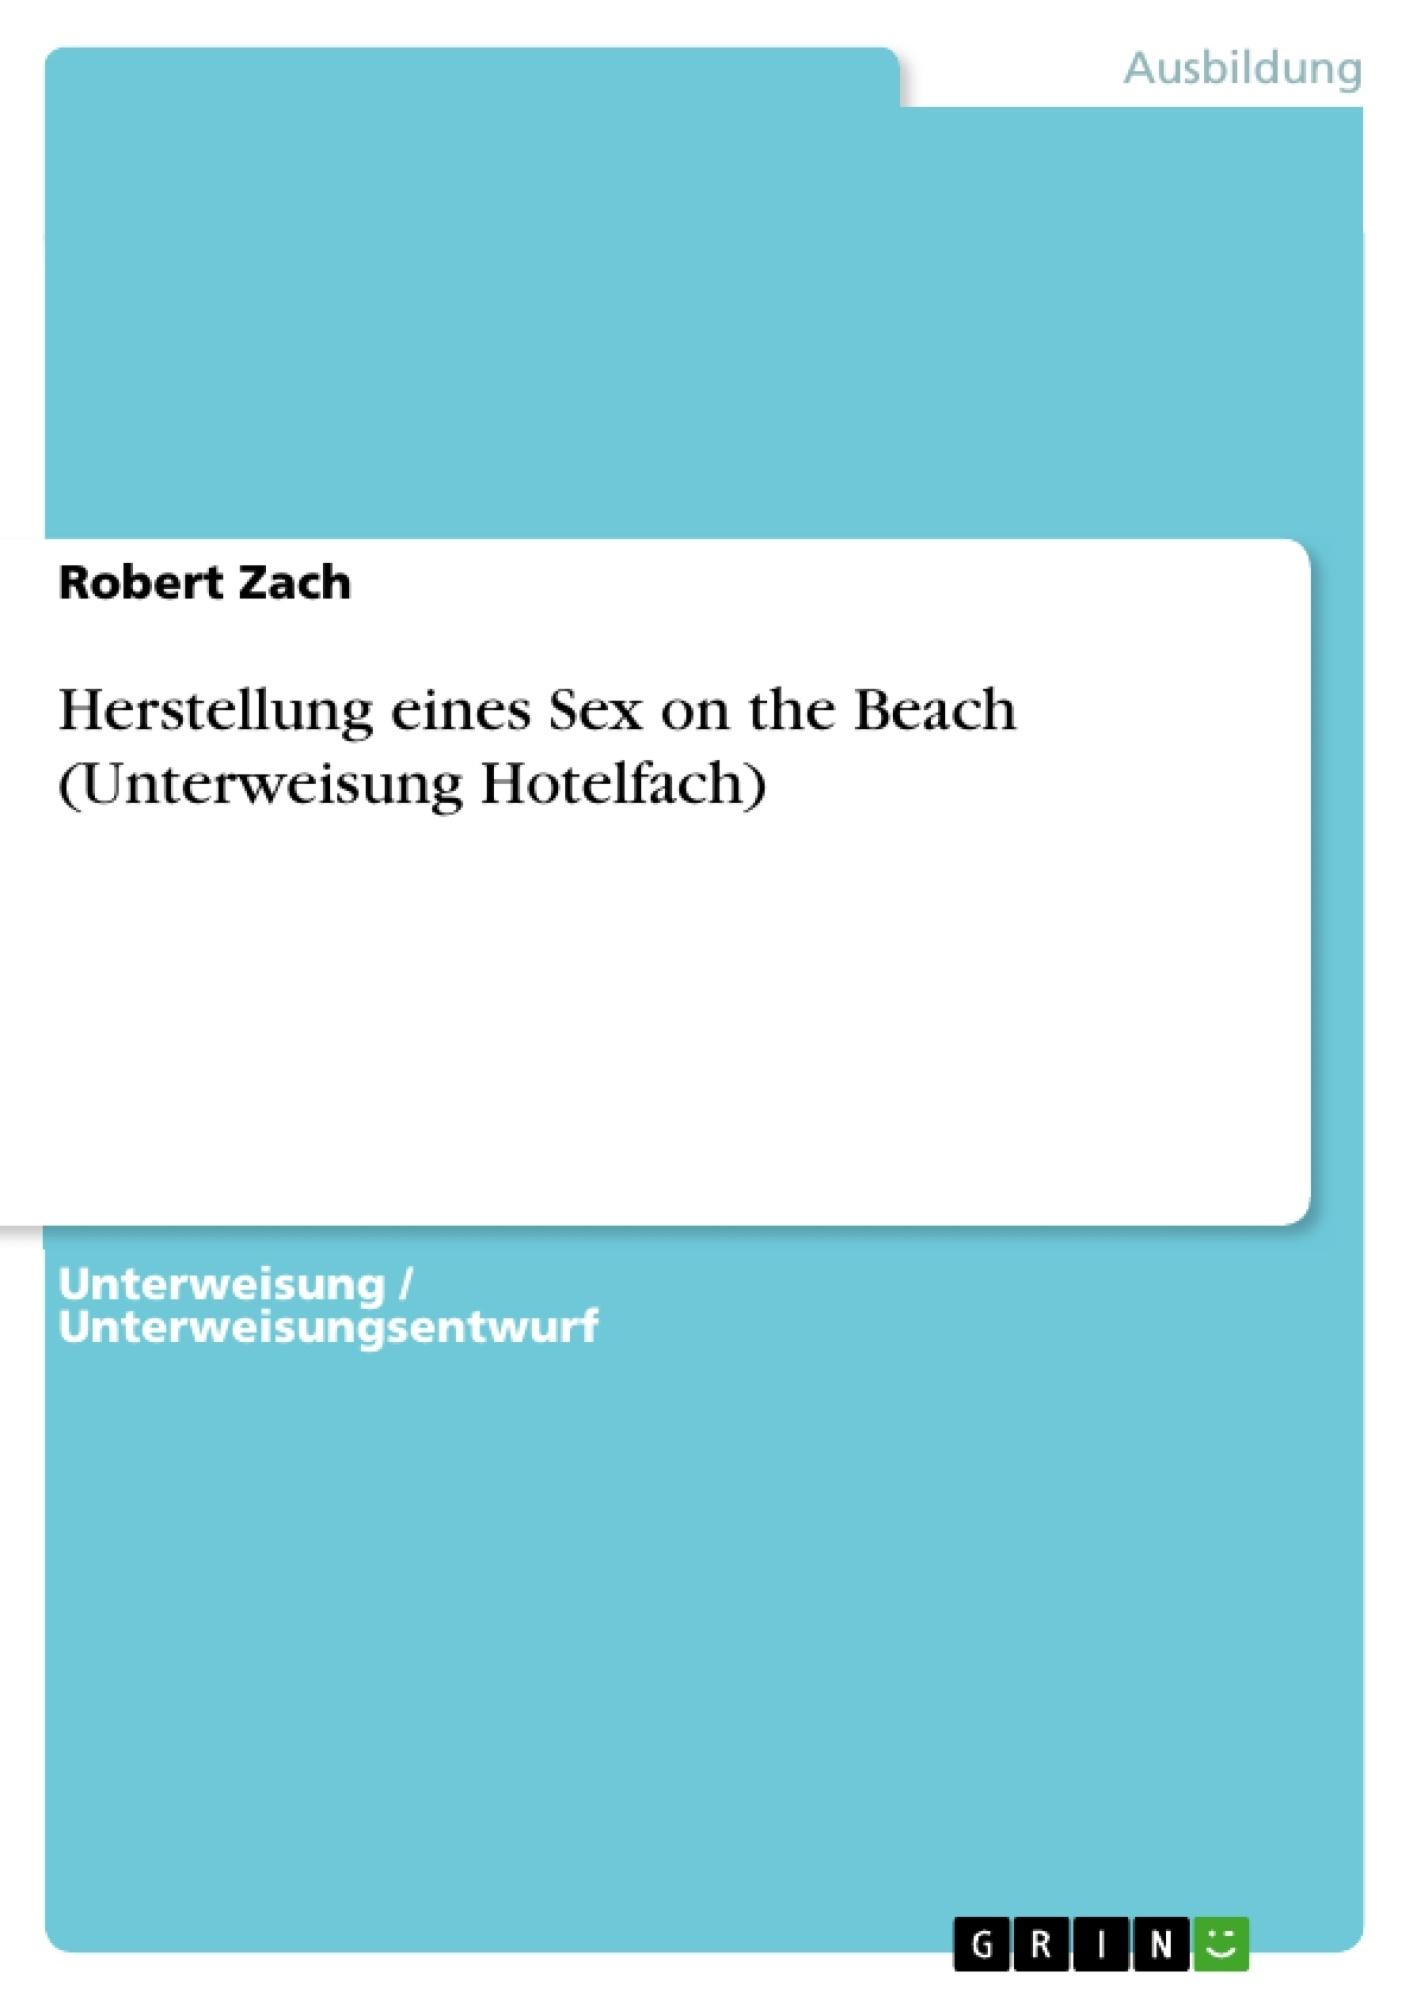 Titel: Herstellung eines Sex on the Beach (Unterweisung Hotelfach)